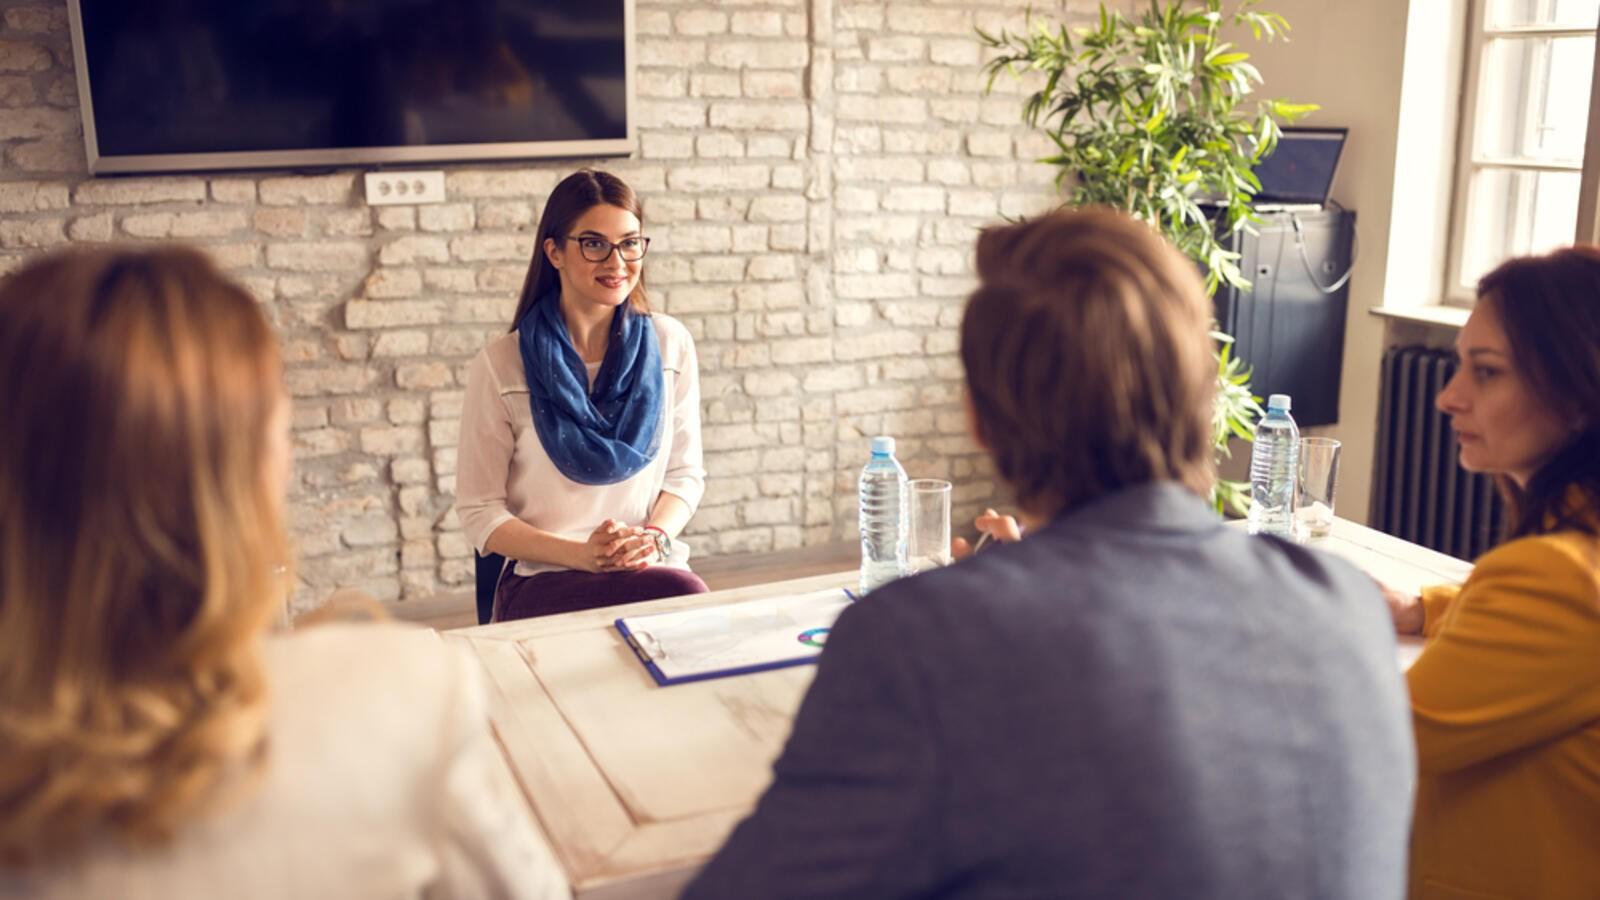 ماذا عليك أن تفعل بعد الانتهاء من مقابلة العمل؟